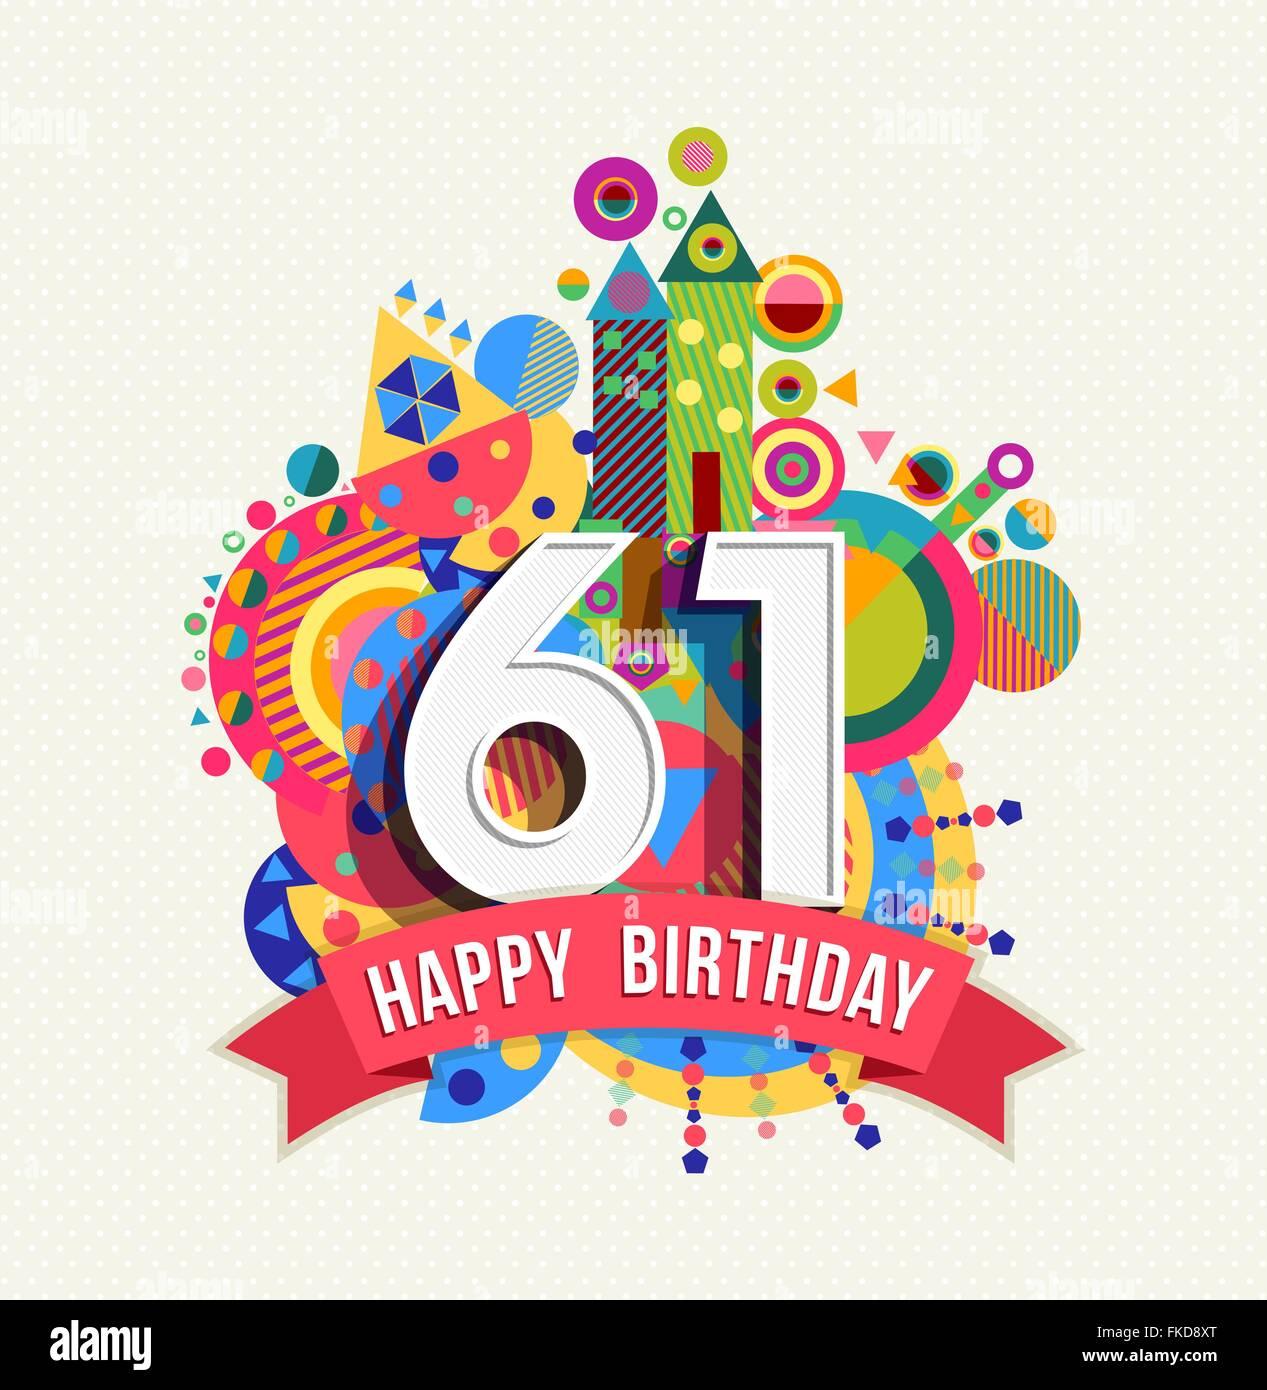 Happy Birthday Sixty One 61 Year, Fun Celebration